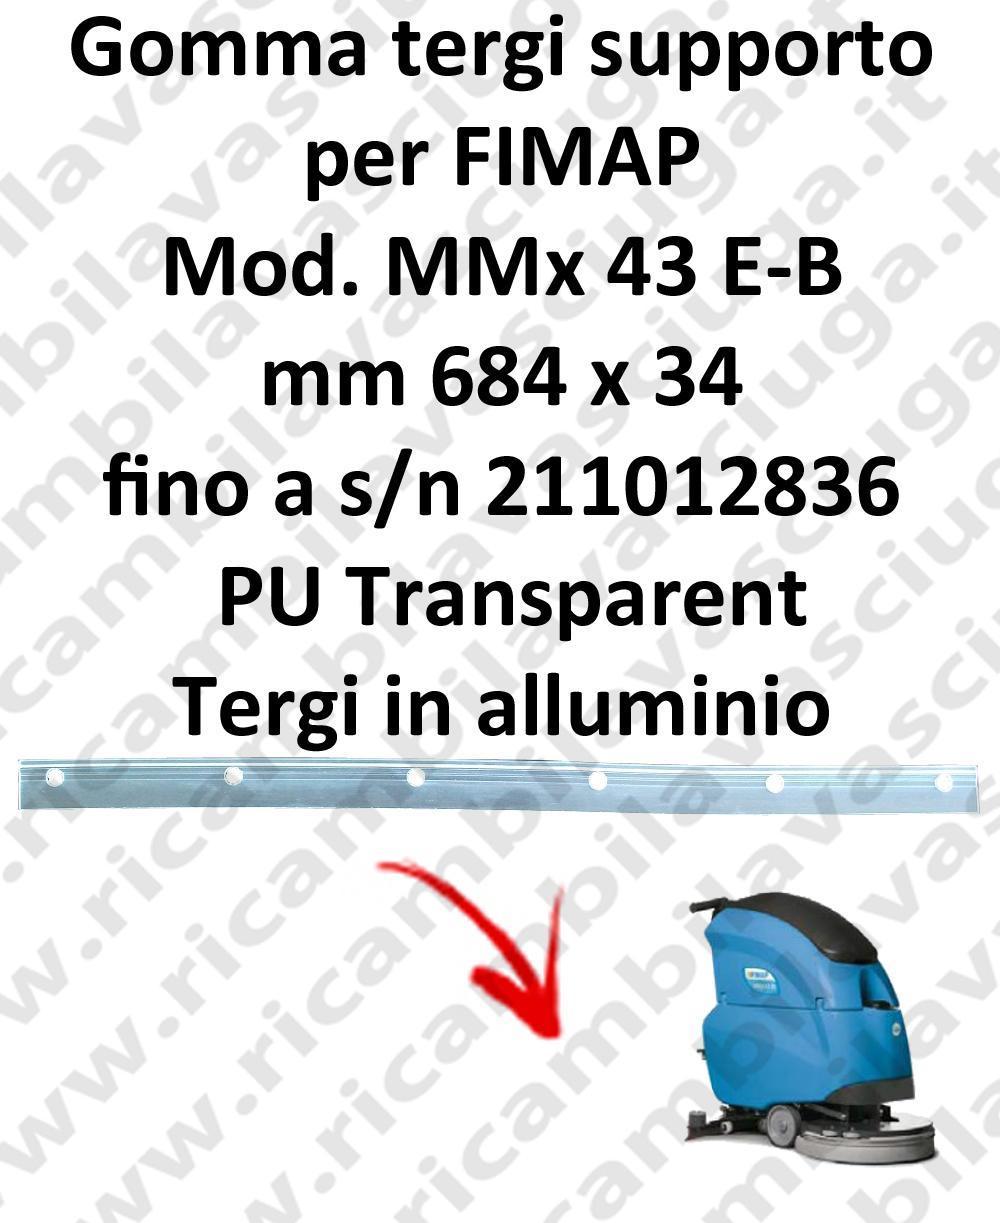 MMx 43 y fino a s/n 211012836 goma de secado soporte para FIMAP repuestos fregadoras squeegee